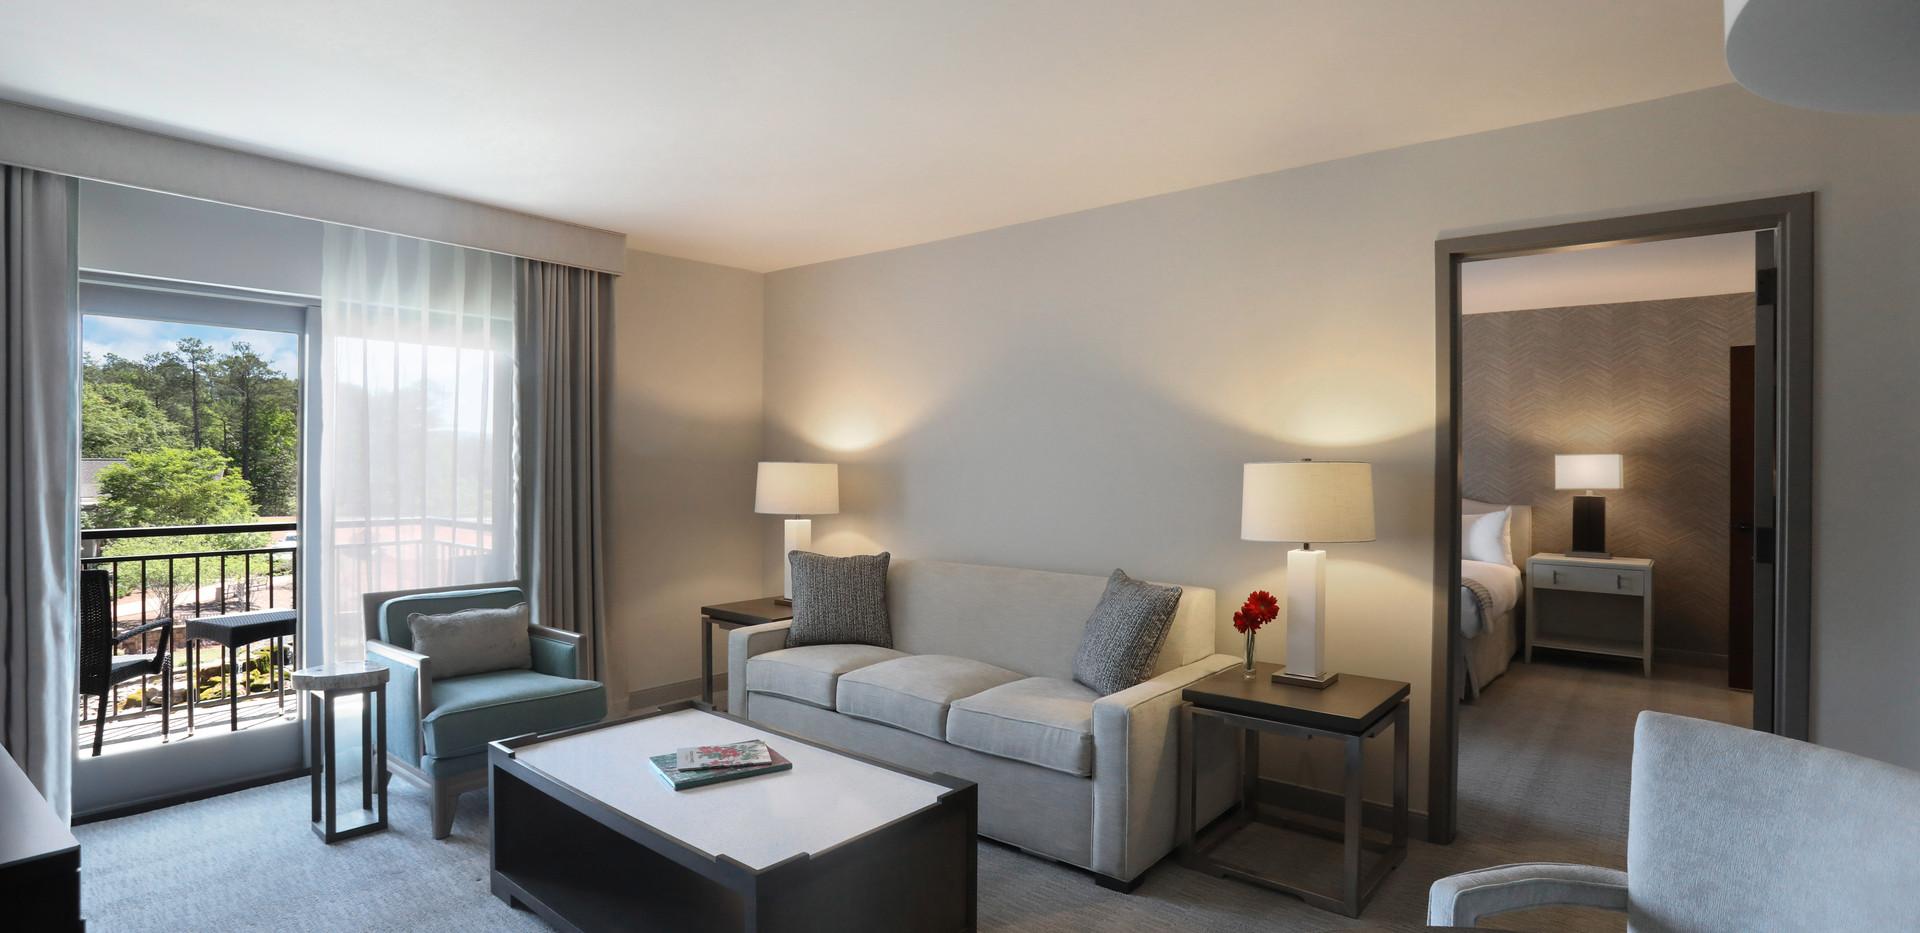 calalway 16 suite interior.jpg